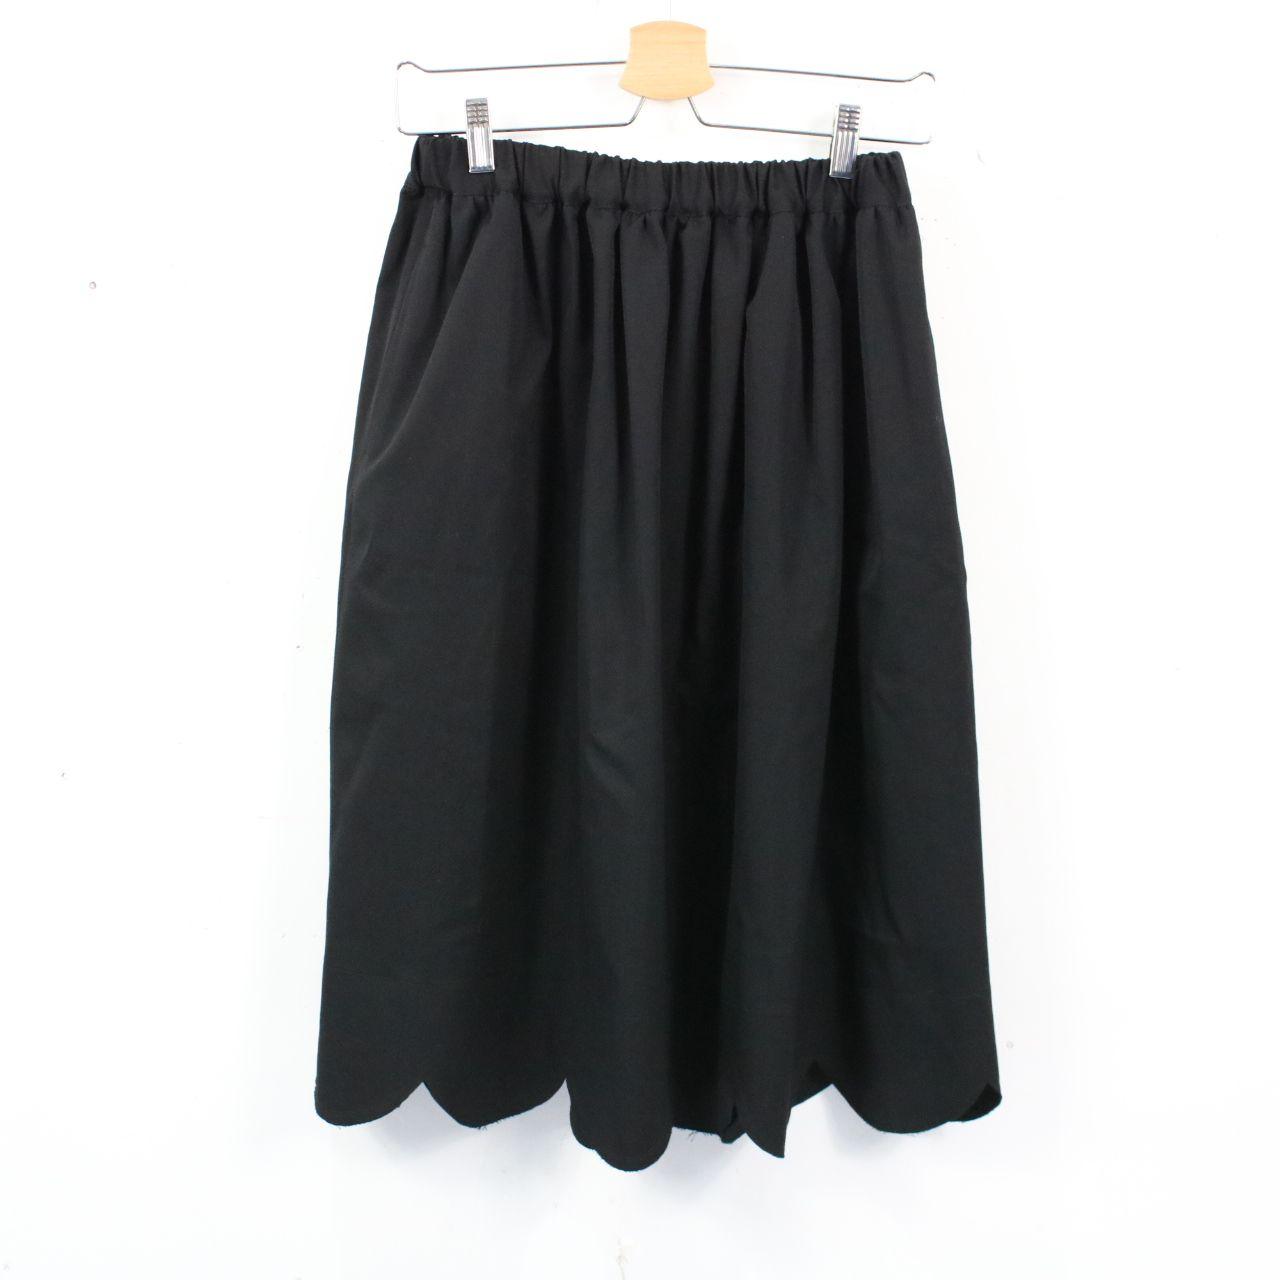 【美品】COMME des GARCONS / コムデギャルソン   2009AW   ウールギャバ スカラップスカート   XS   ブラック